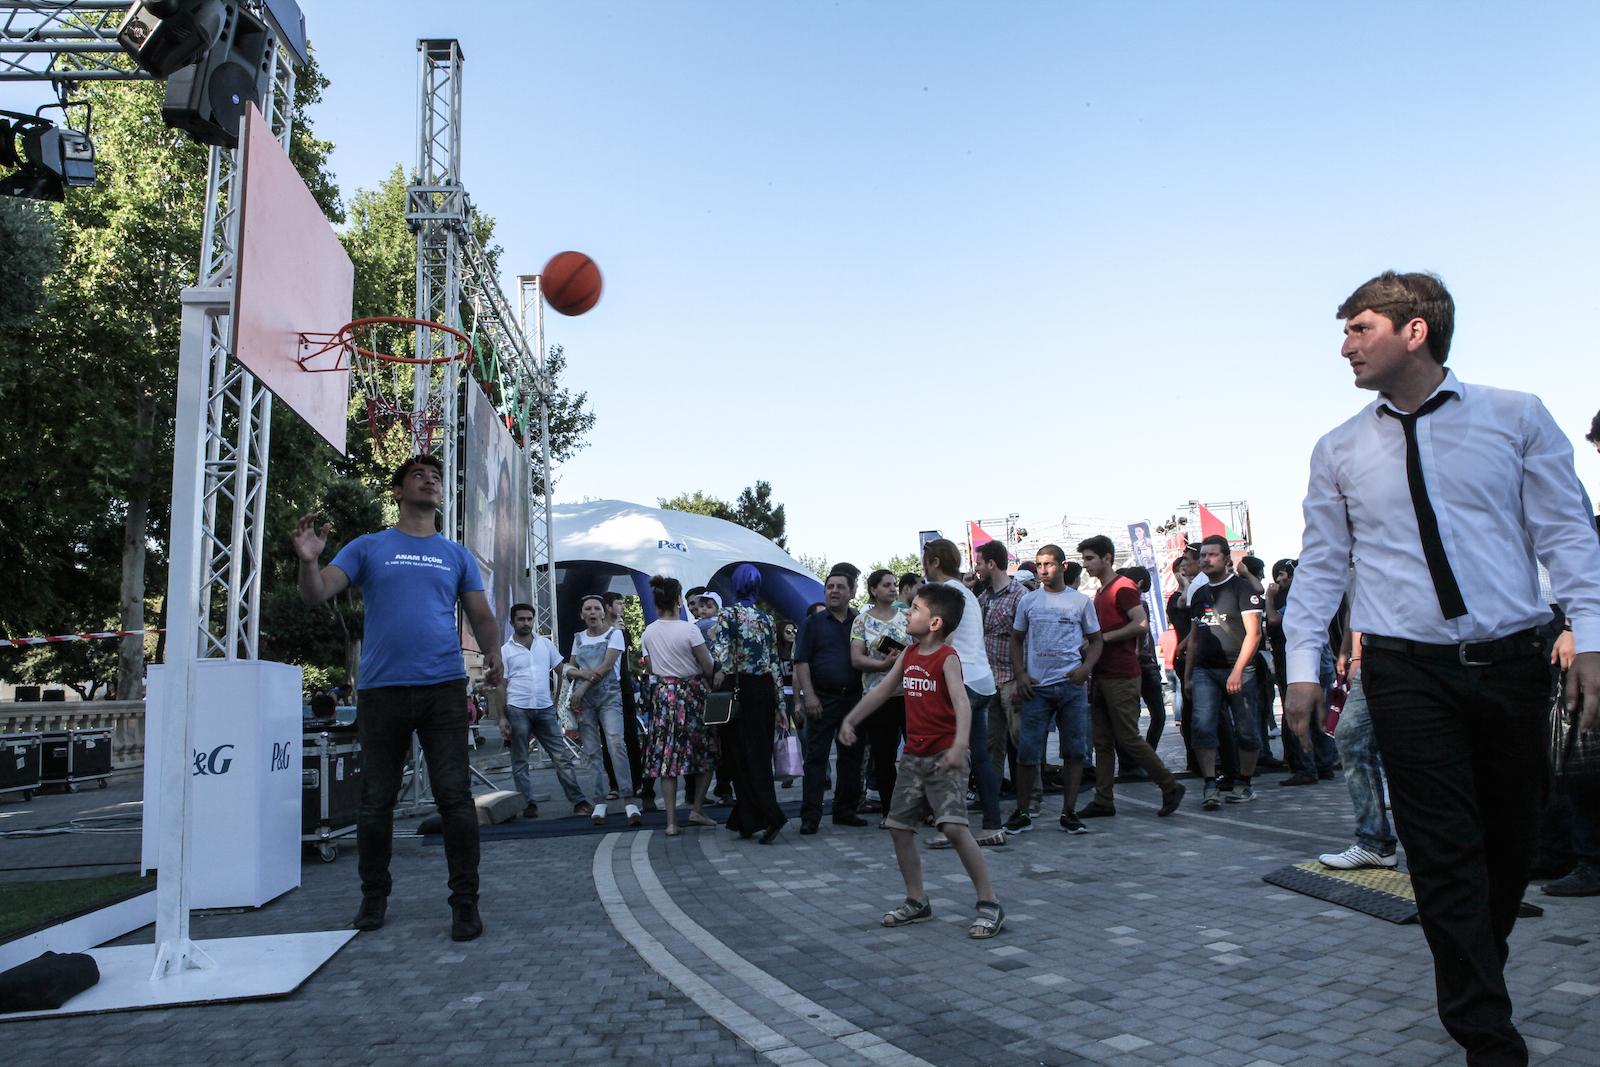 Le soir venu, les familles convergent vers le Park Bulvar afin de profiter des animations sportives liées aux Jeux européens.